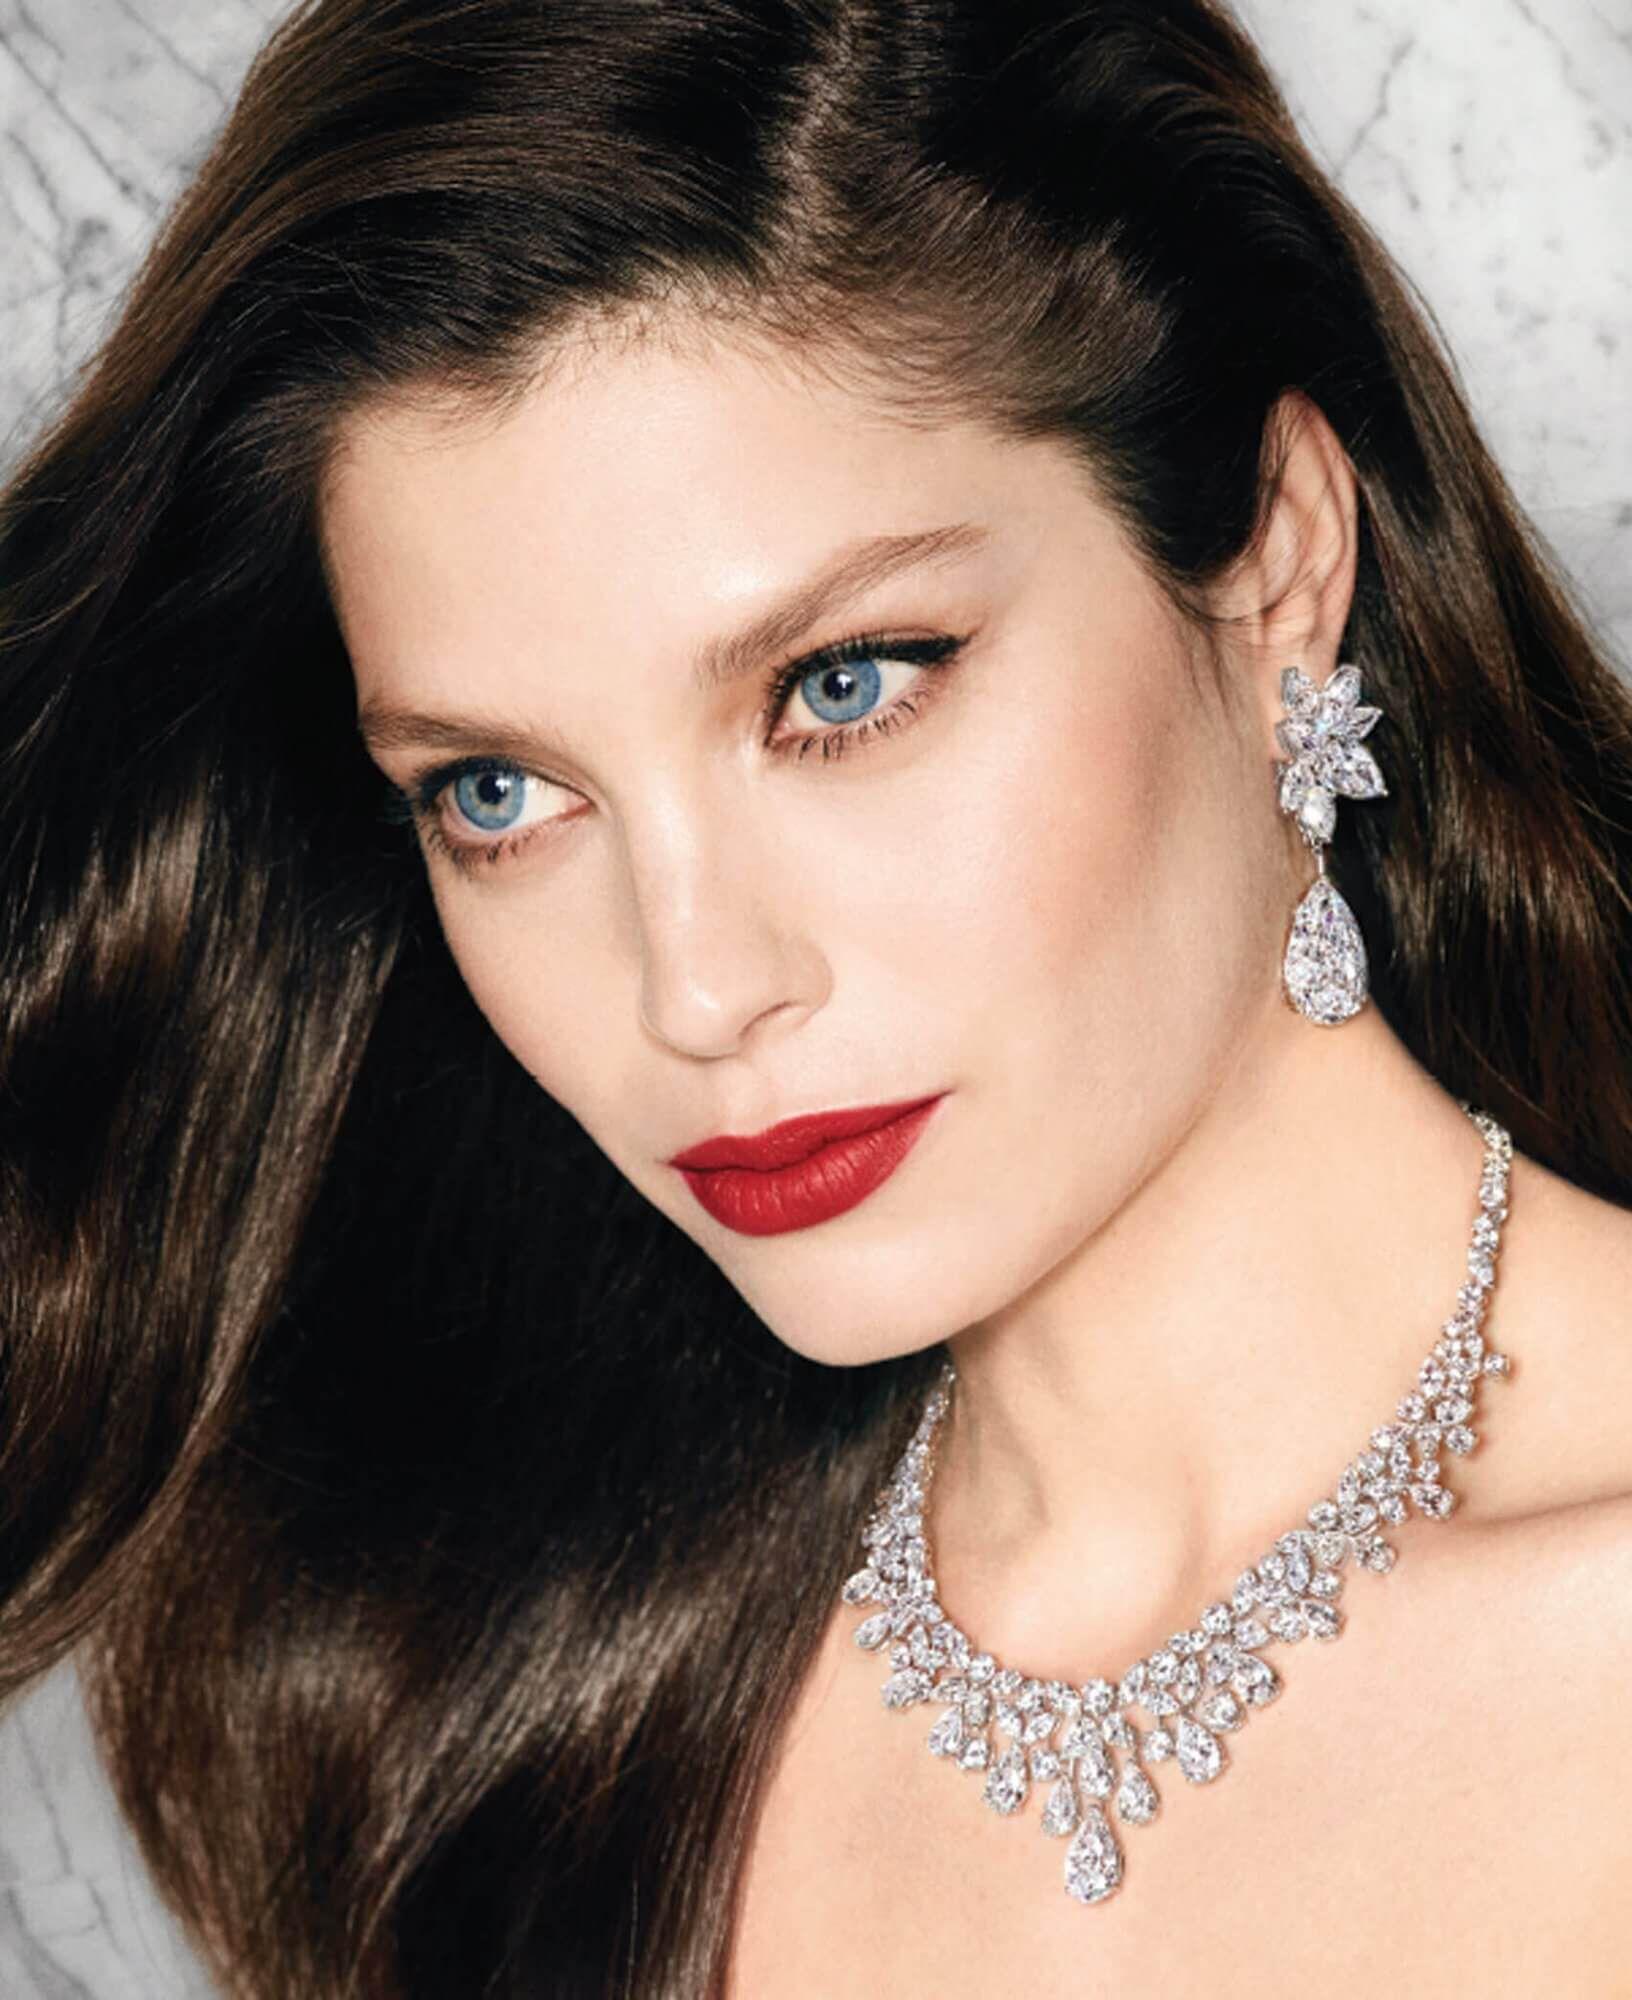 Model wears Graff Diamonds Diamond earrings featuring two 20 carat D Internally Flawless pear shape diamond drops